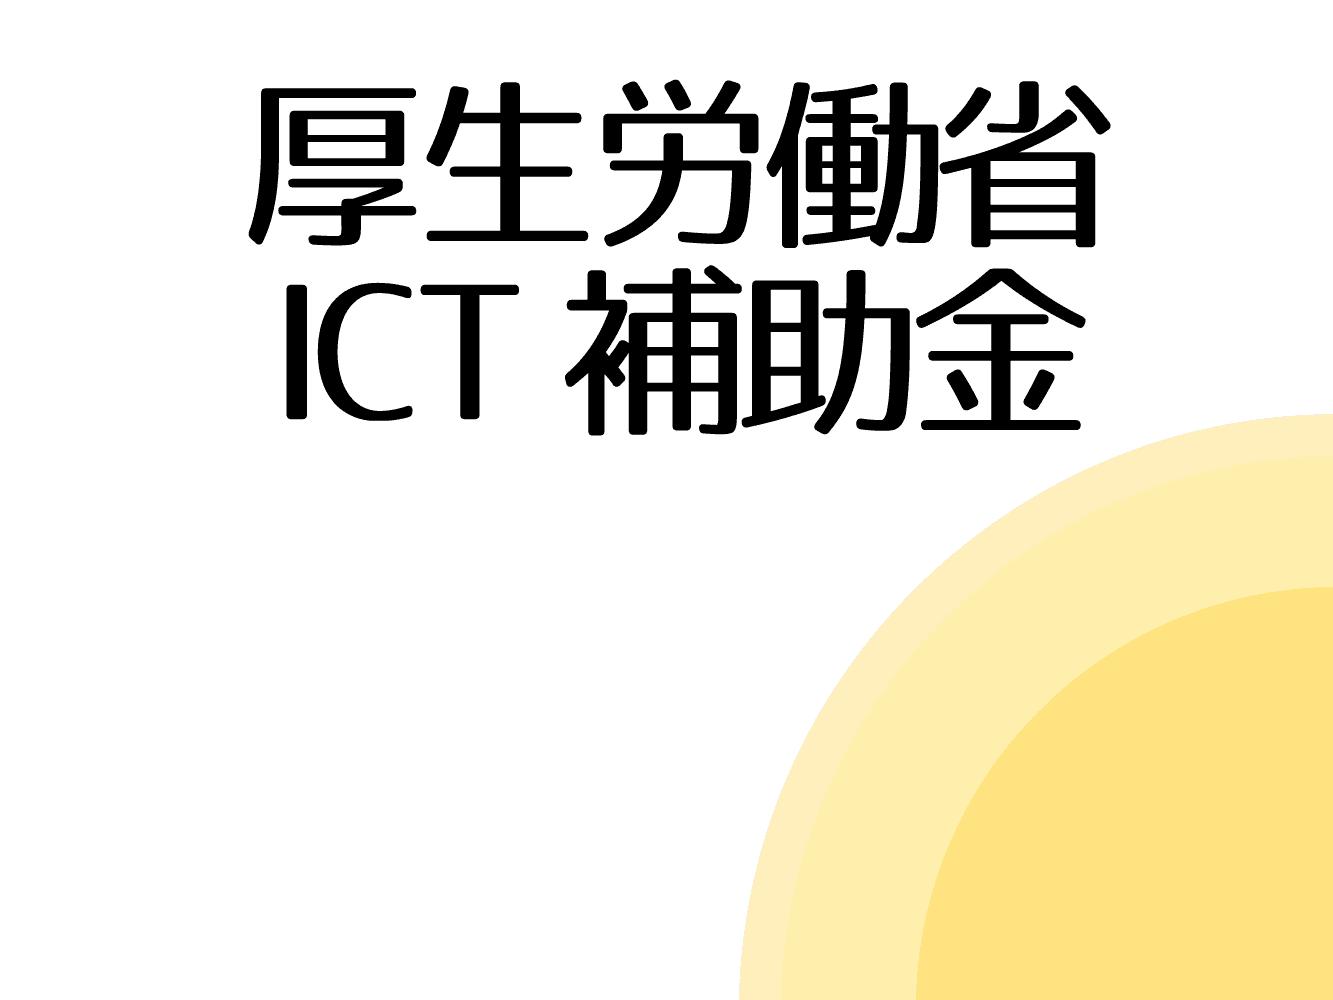 厚生労働省 ICT補助金を調べる